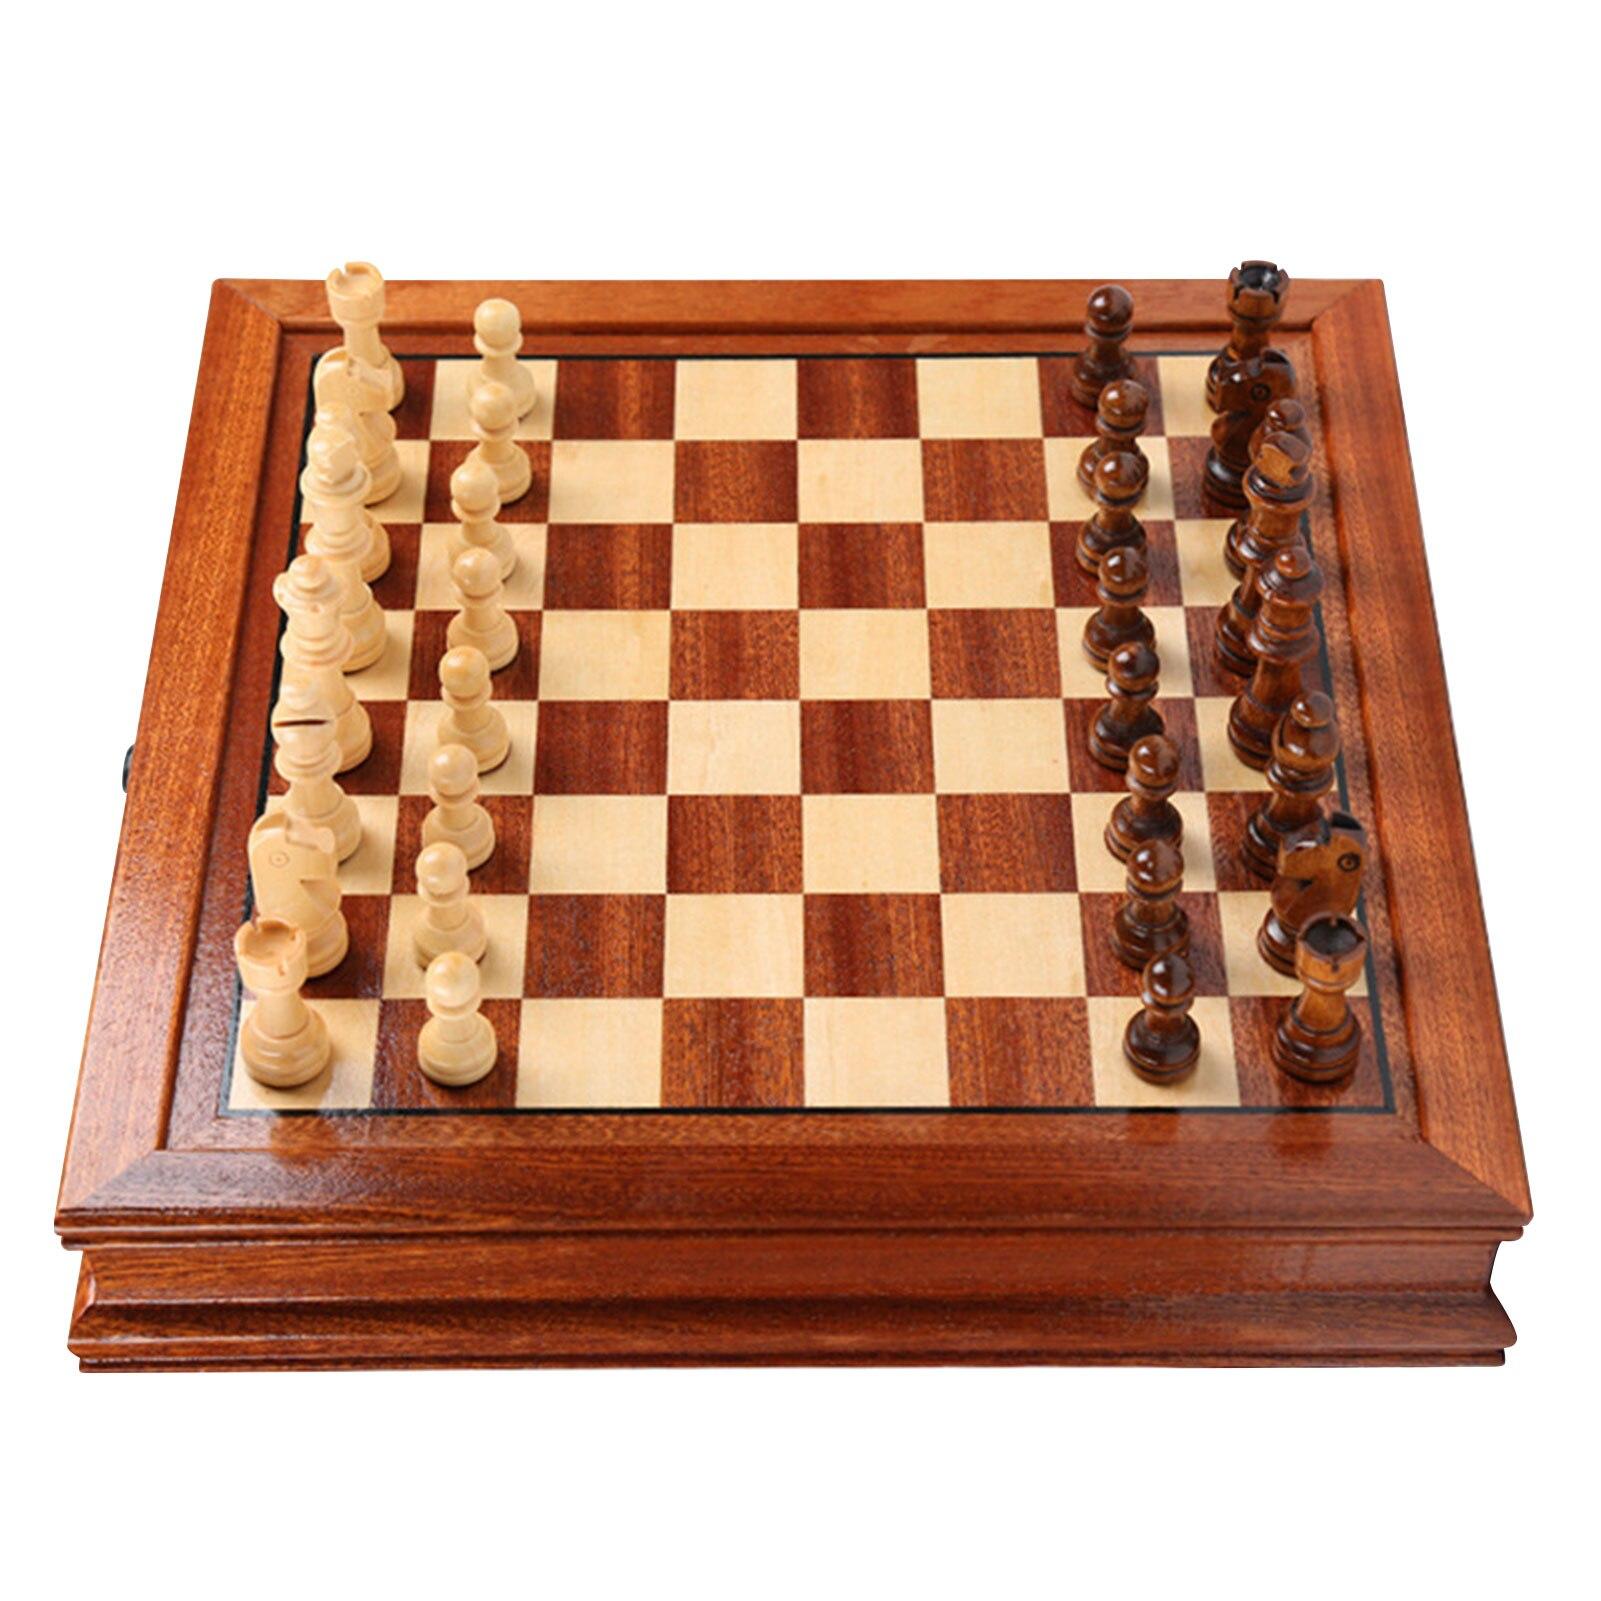 Pezzi degli scacchi tavolino in legno scacchiera professionale gioco per famiglie Set di scacchi tavolo da gioco tradizionale Set di scacchi 2021